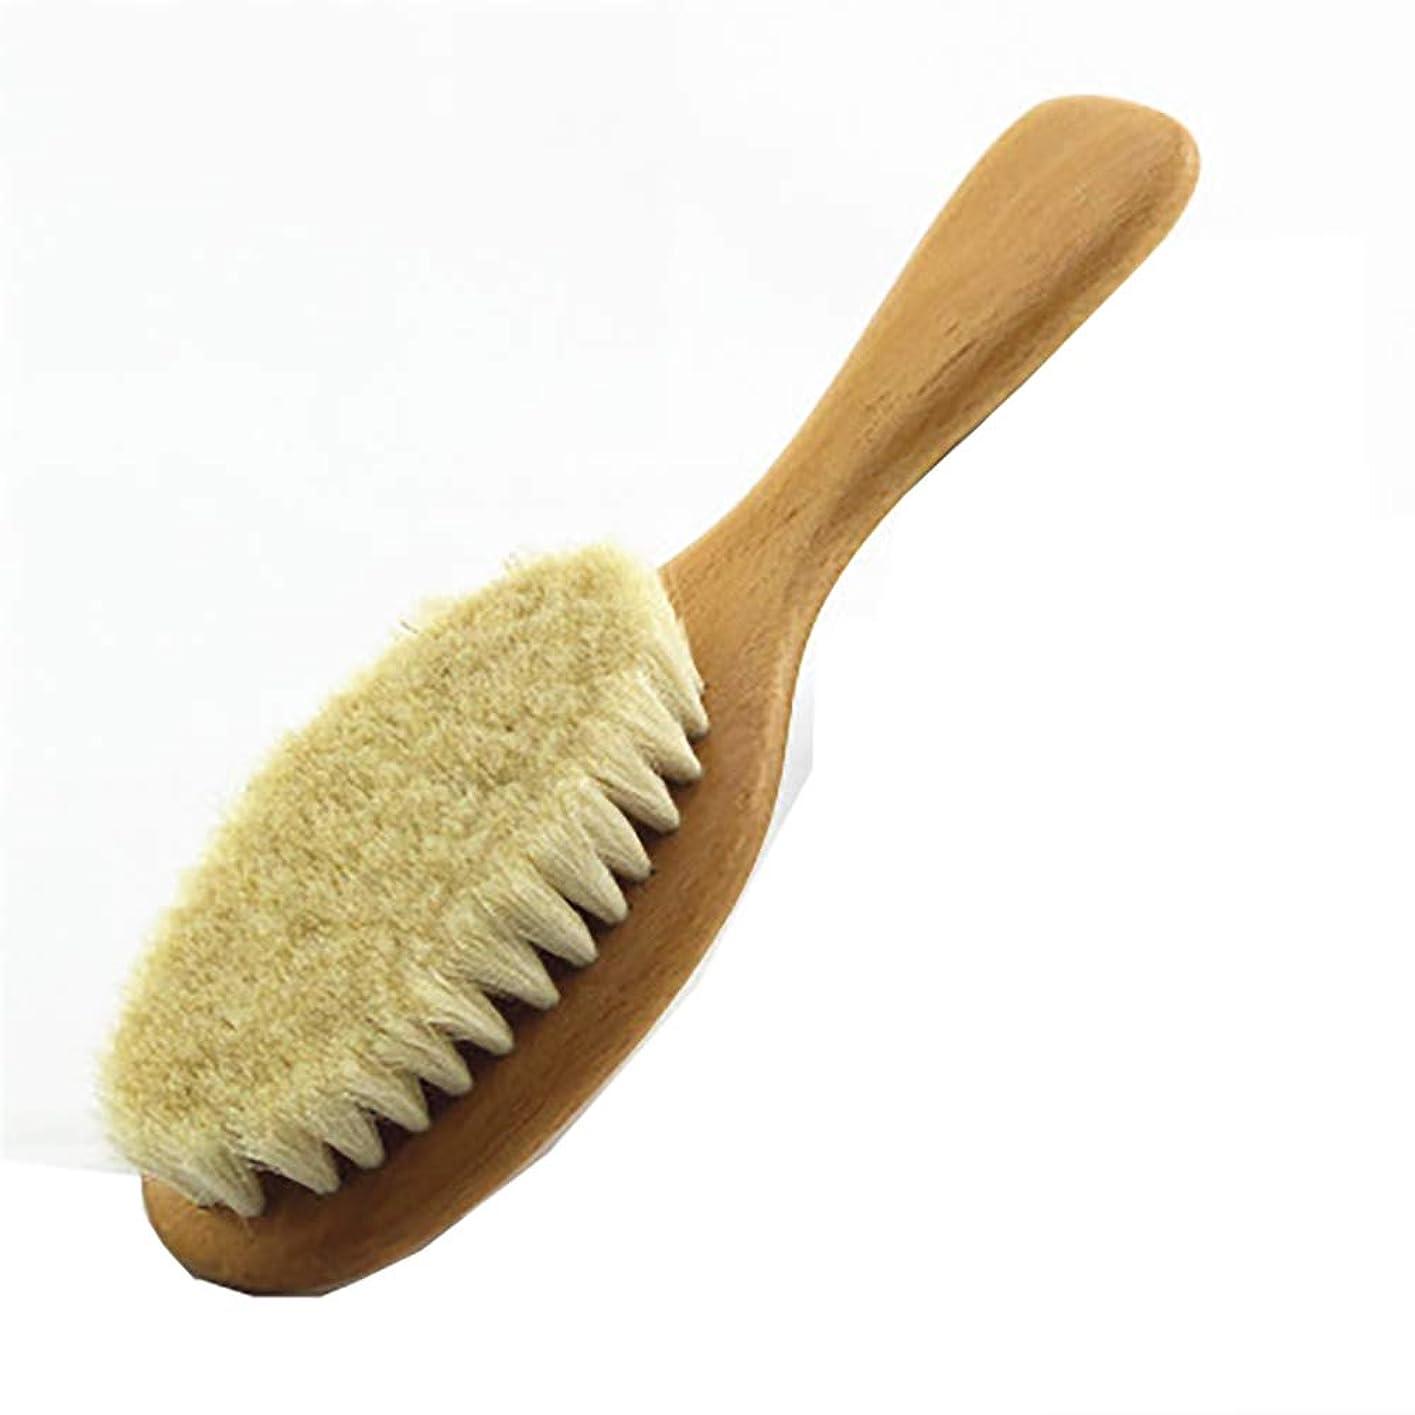 多数のキルス模索Maltose ボディブラシ 100%ウール 背中ブラシ 赤ちゃん 柔らかい お風呂用 体洗いブラシ 血行促進 角質除去 毛穴洗浄